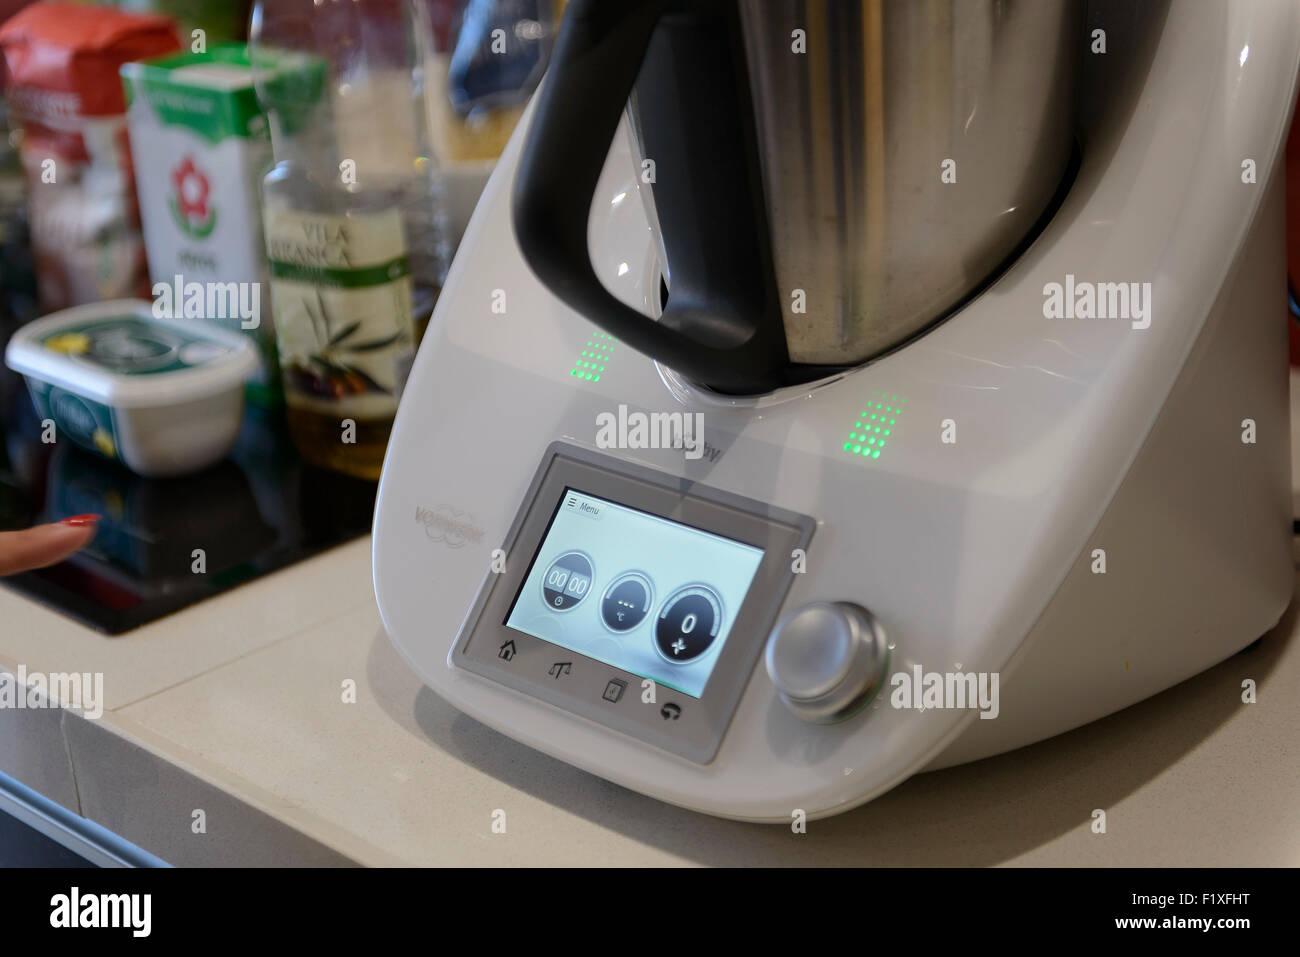 Uncategorized Thermomix Kitchen Appliance thermomix kitchen device food processor appliance stock vorwerk tm5 photo